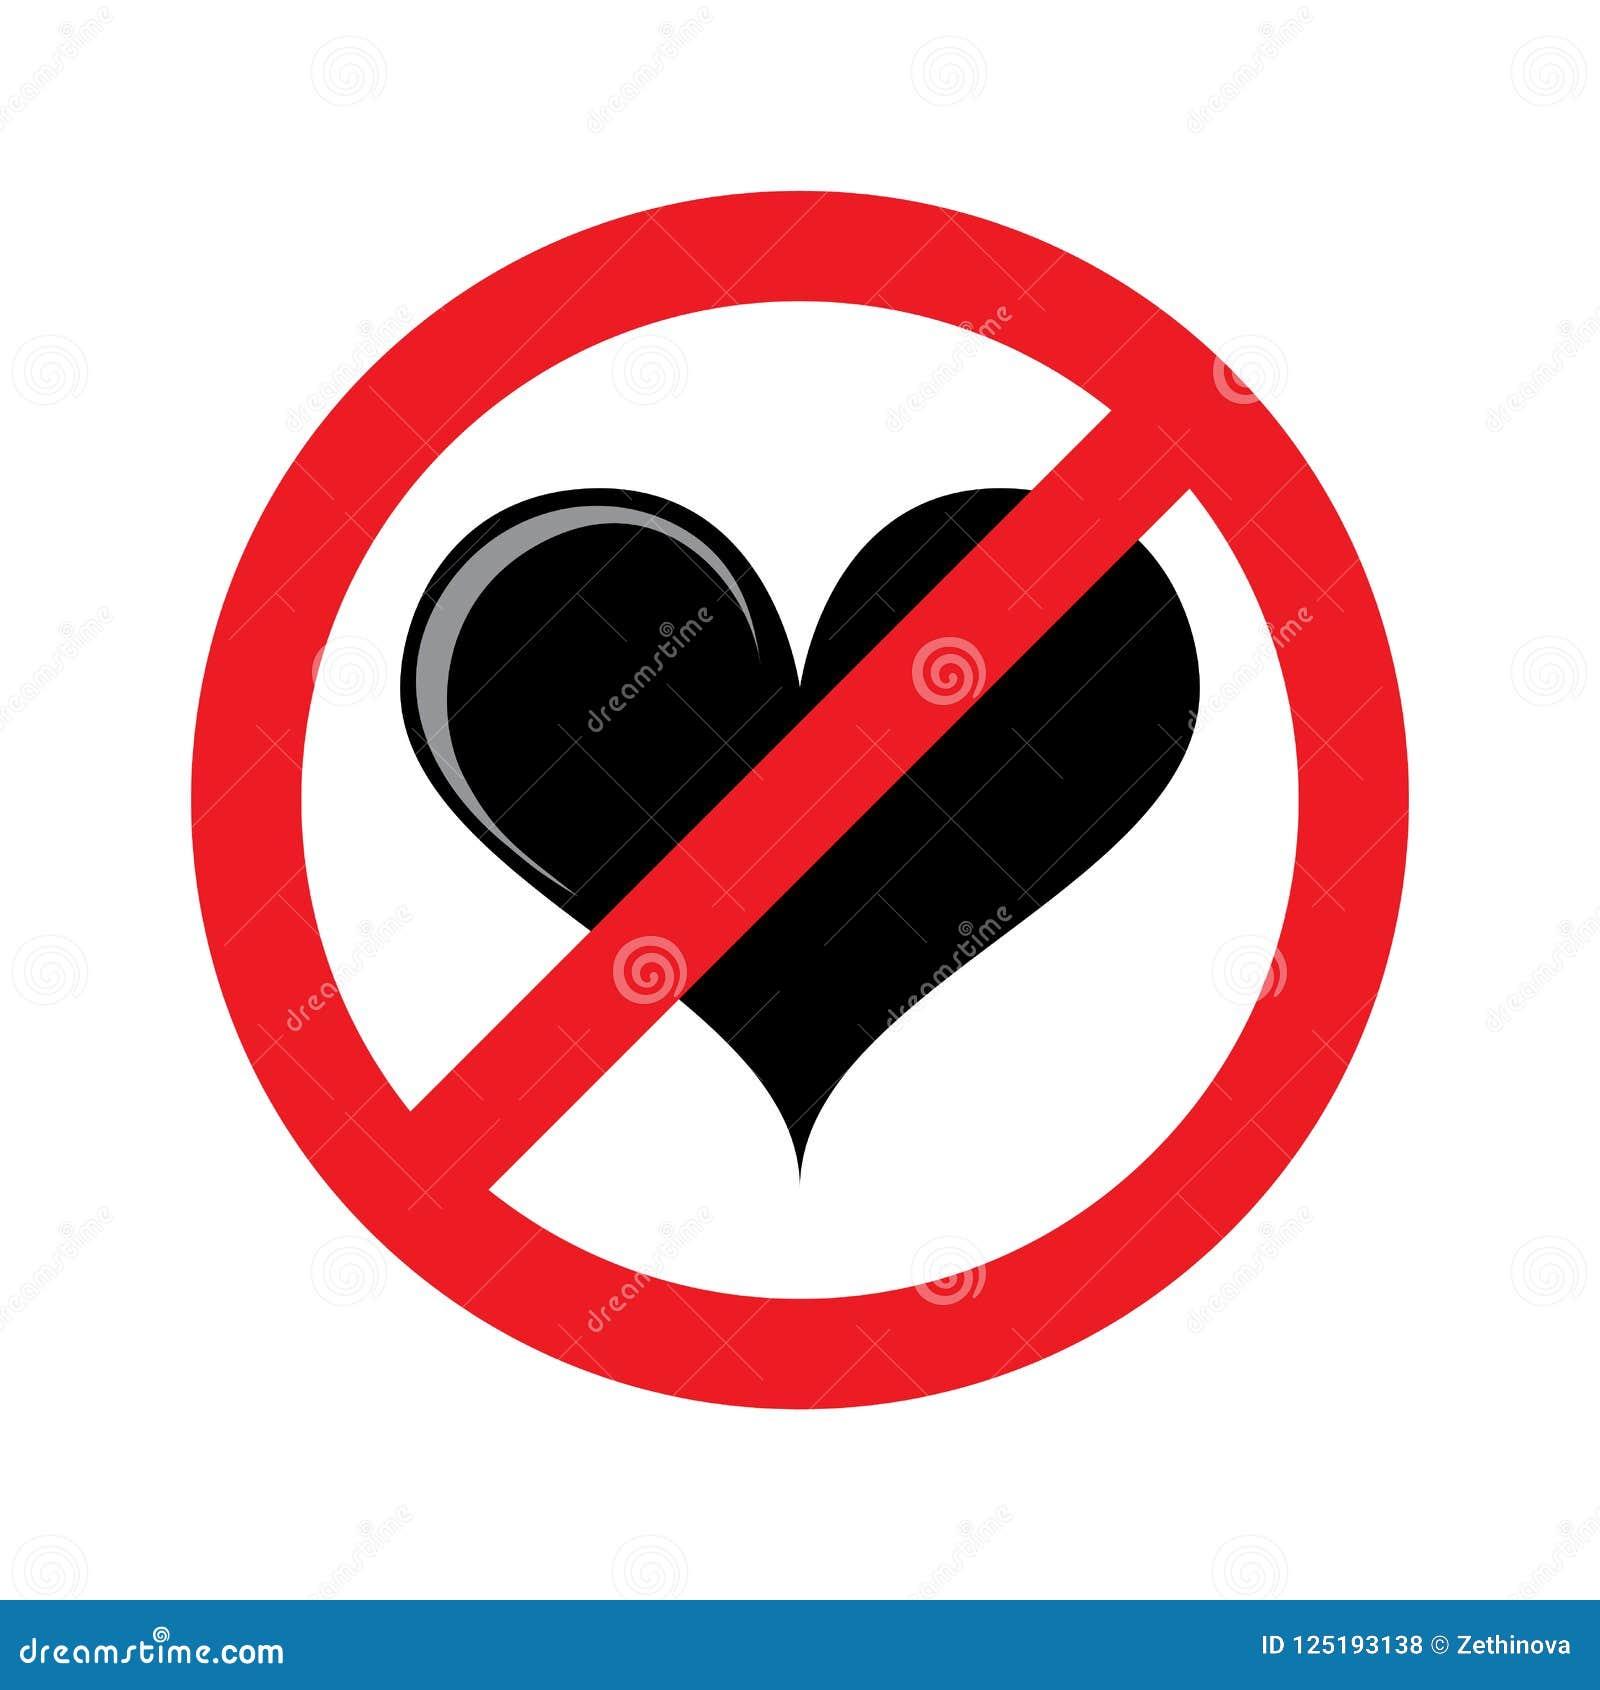 No Heart No Love Isolated Symbol Stock Illustration